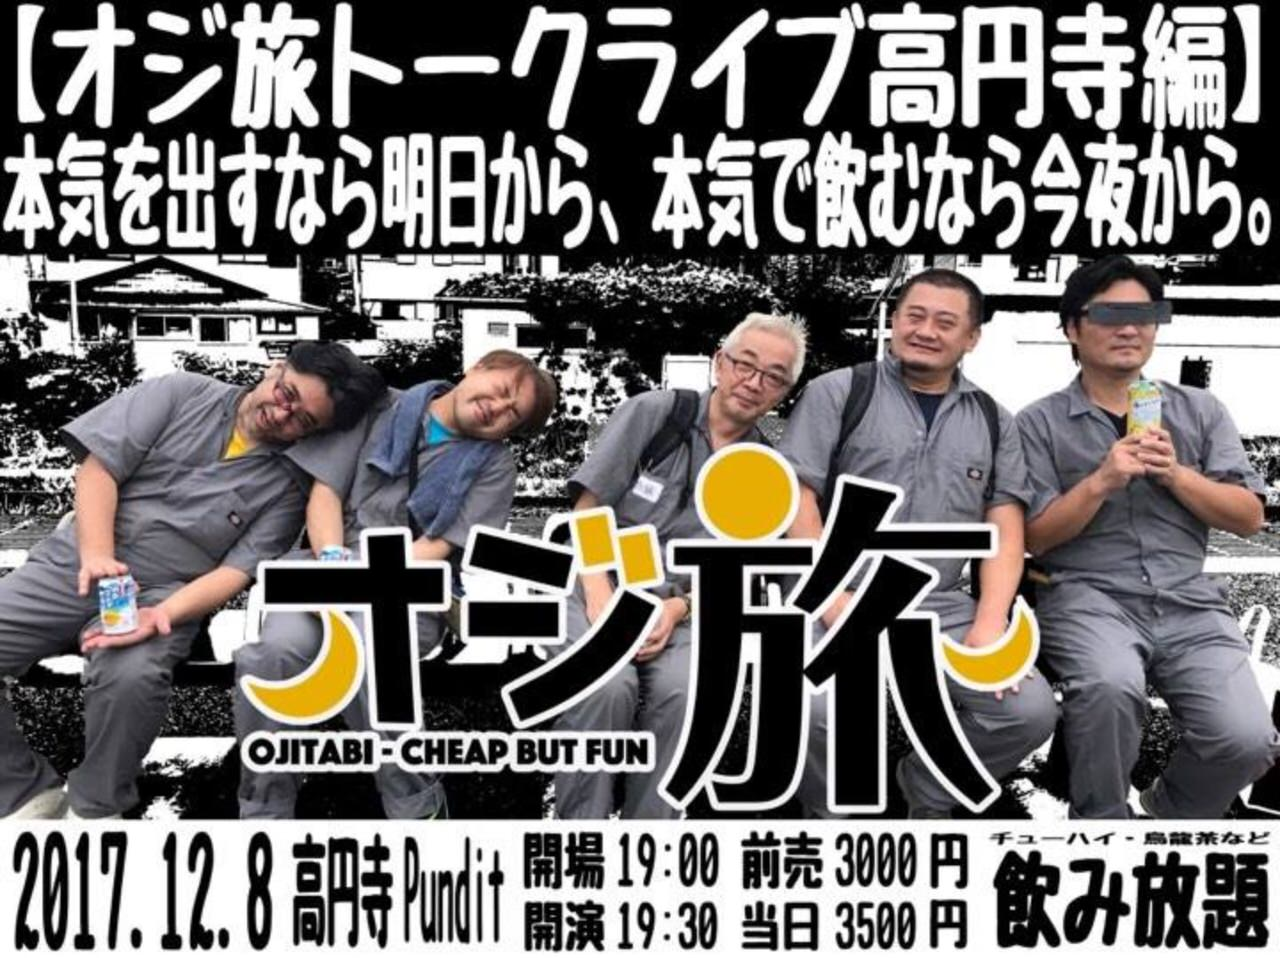 【告知】忘年会がてらオジ旅トークライブします!@高円寺【12/8】